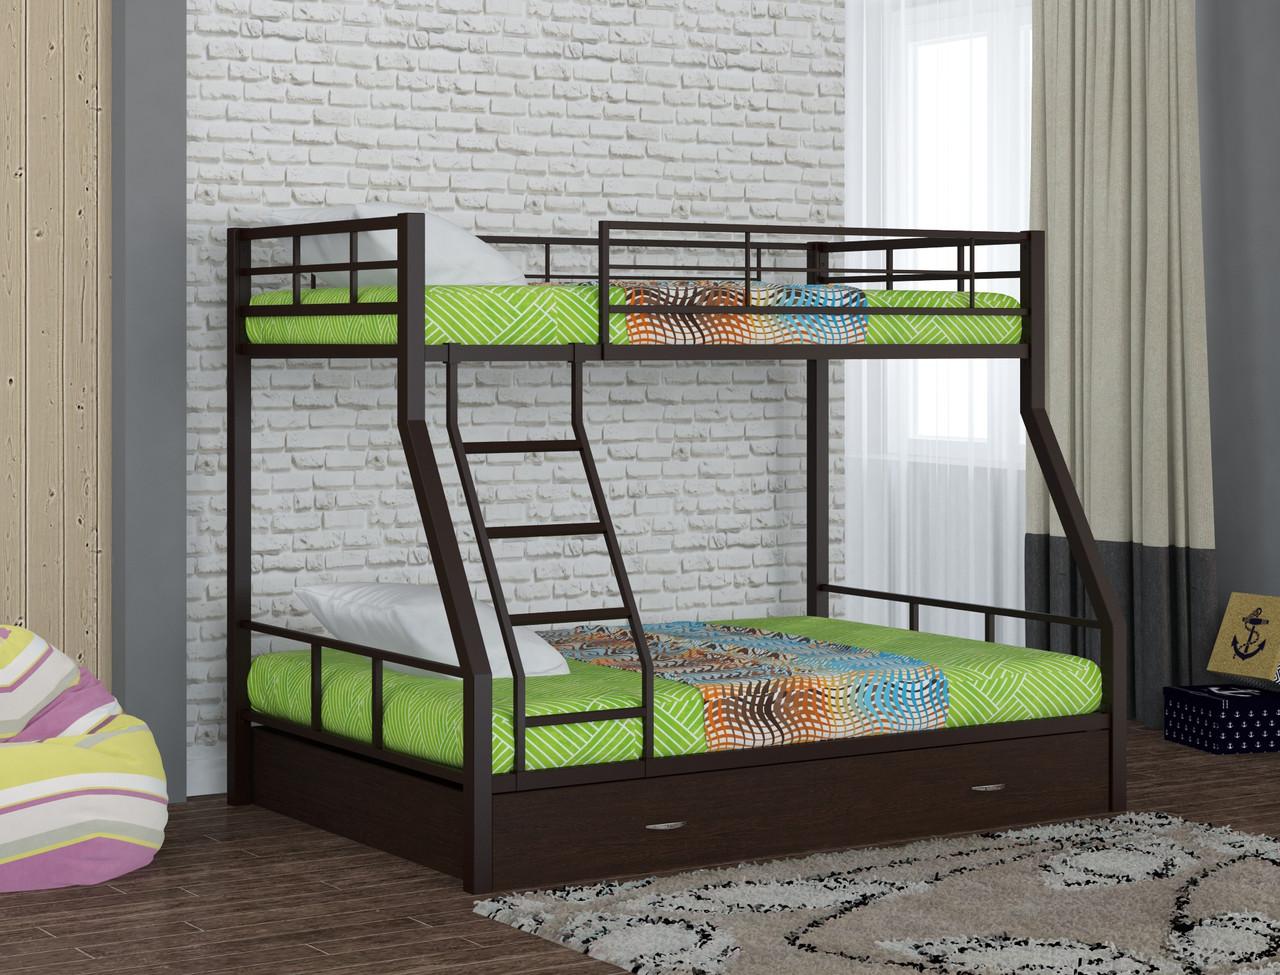 Кровать двухъярусная Гранада-1, коричневый  в комплекте ящик выкатной 1200 венге